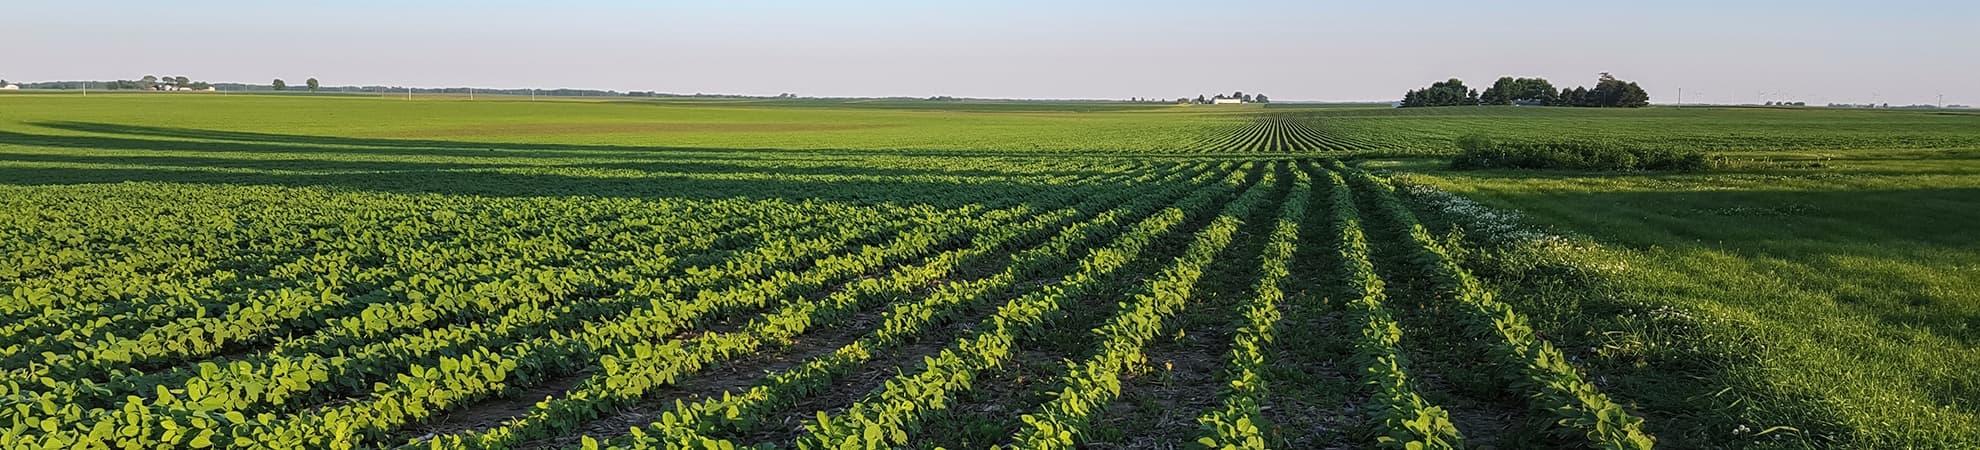 Industriel et agricole